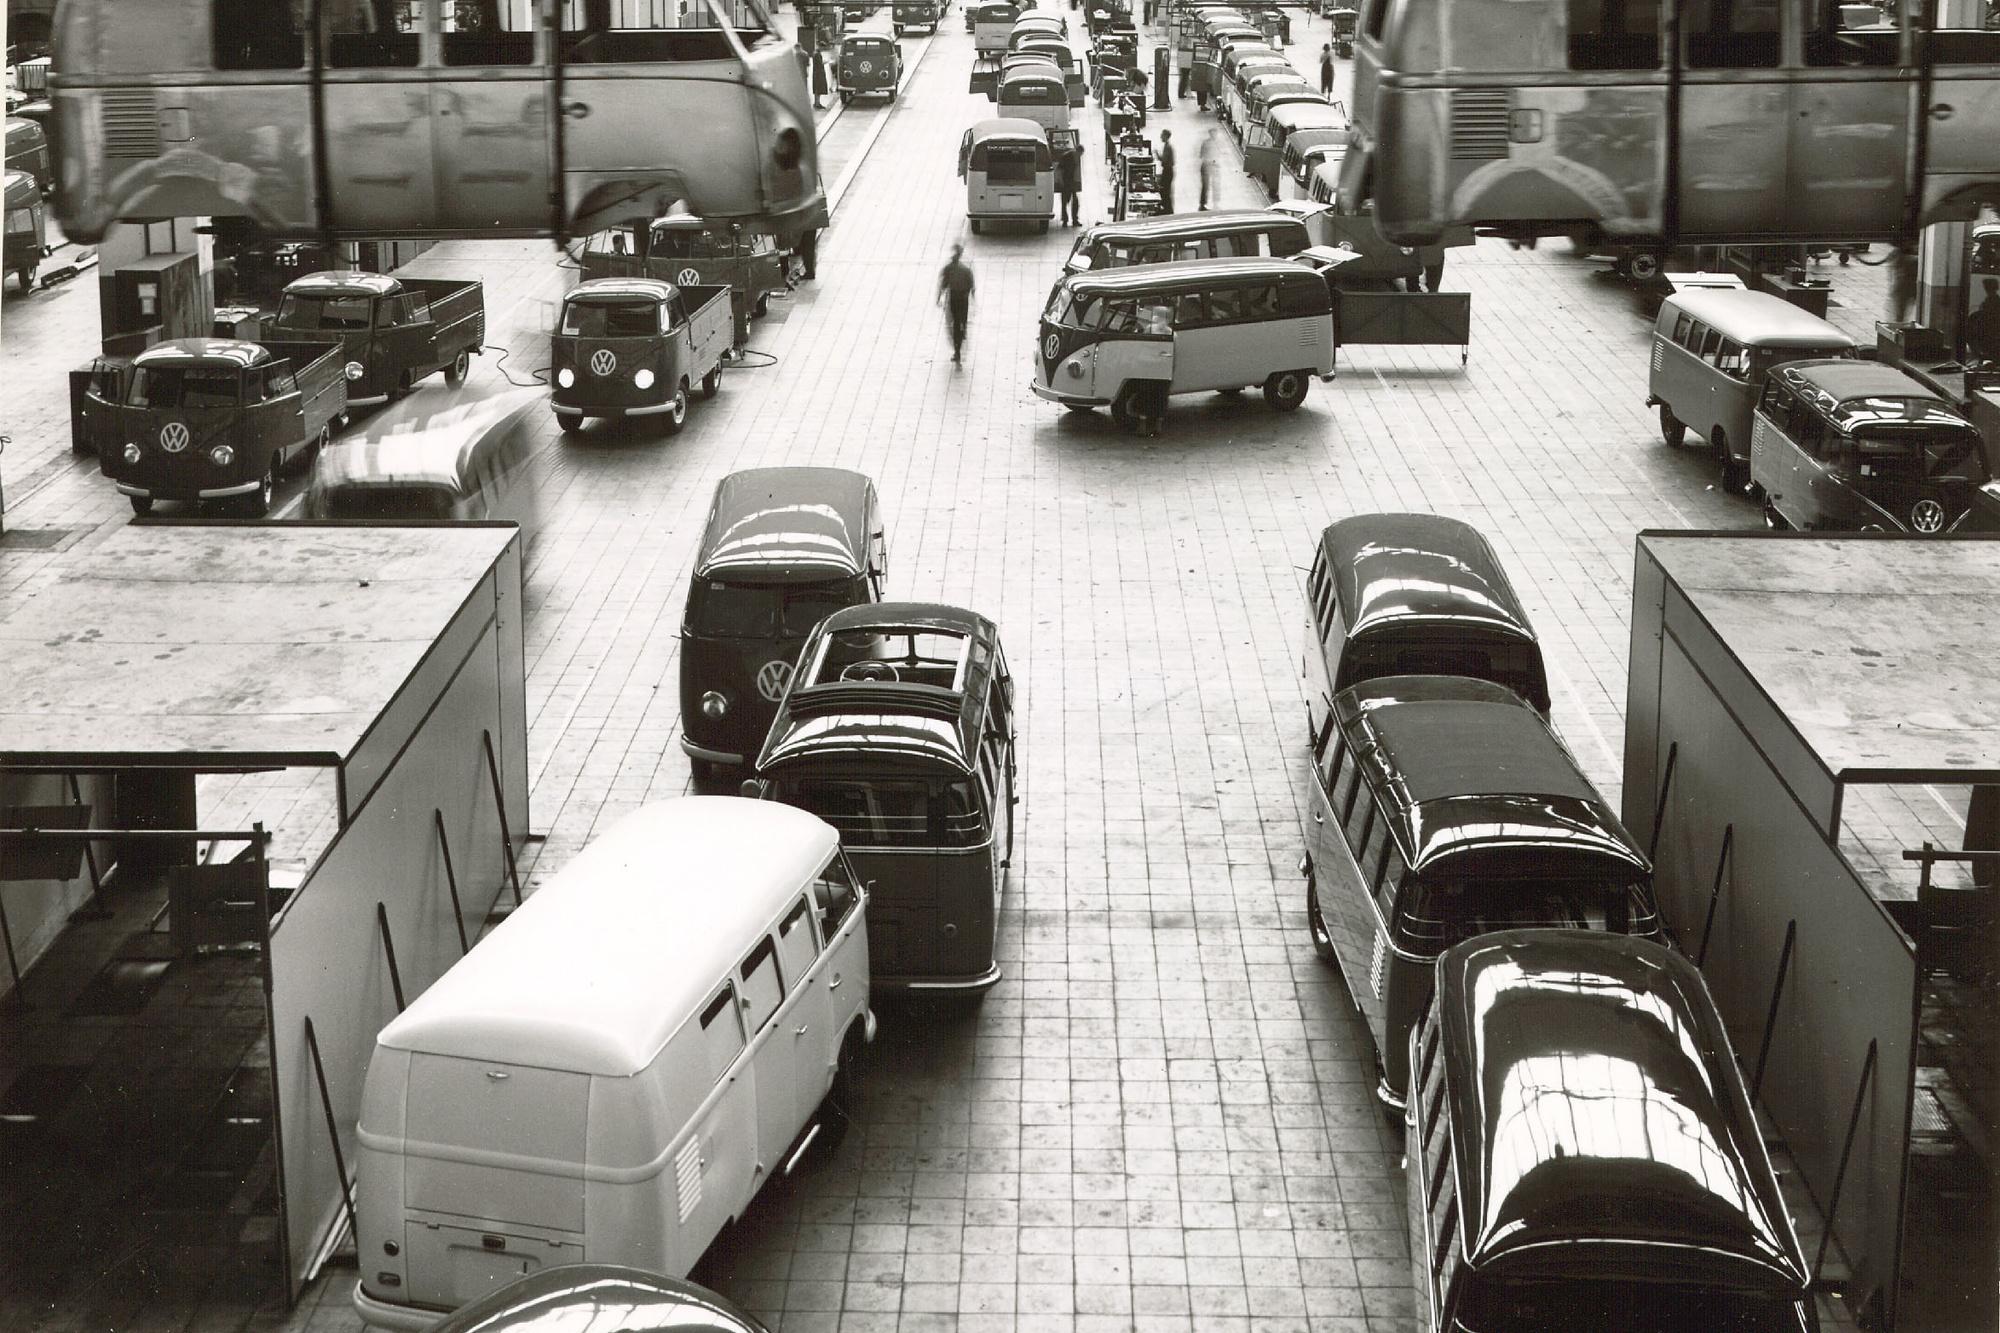 Dès les années 50, la production des fourgons Volkswagen s'emballe. Prochain cap: celui des 10 millions d'unités!, GF